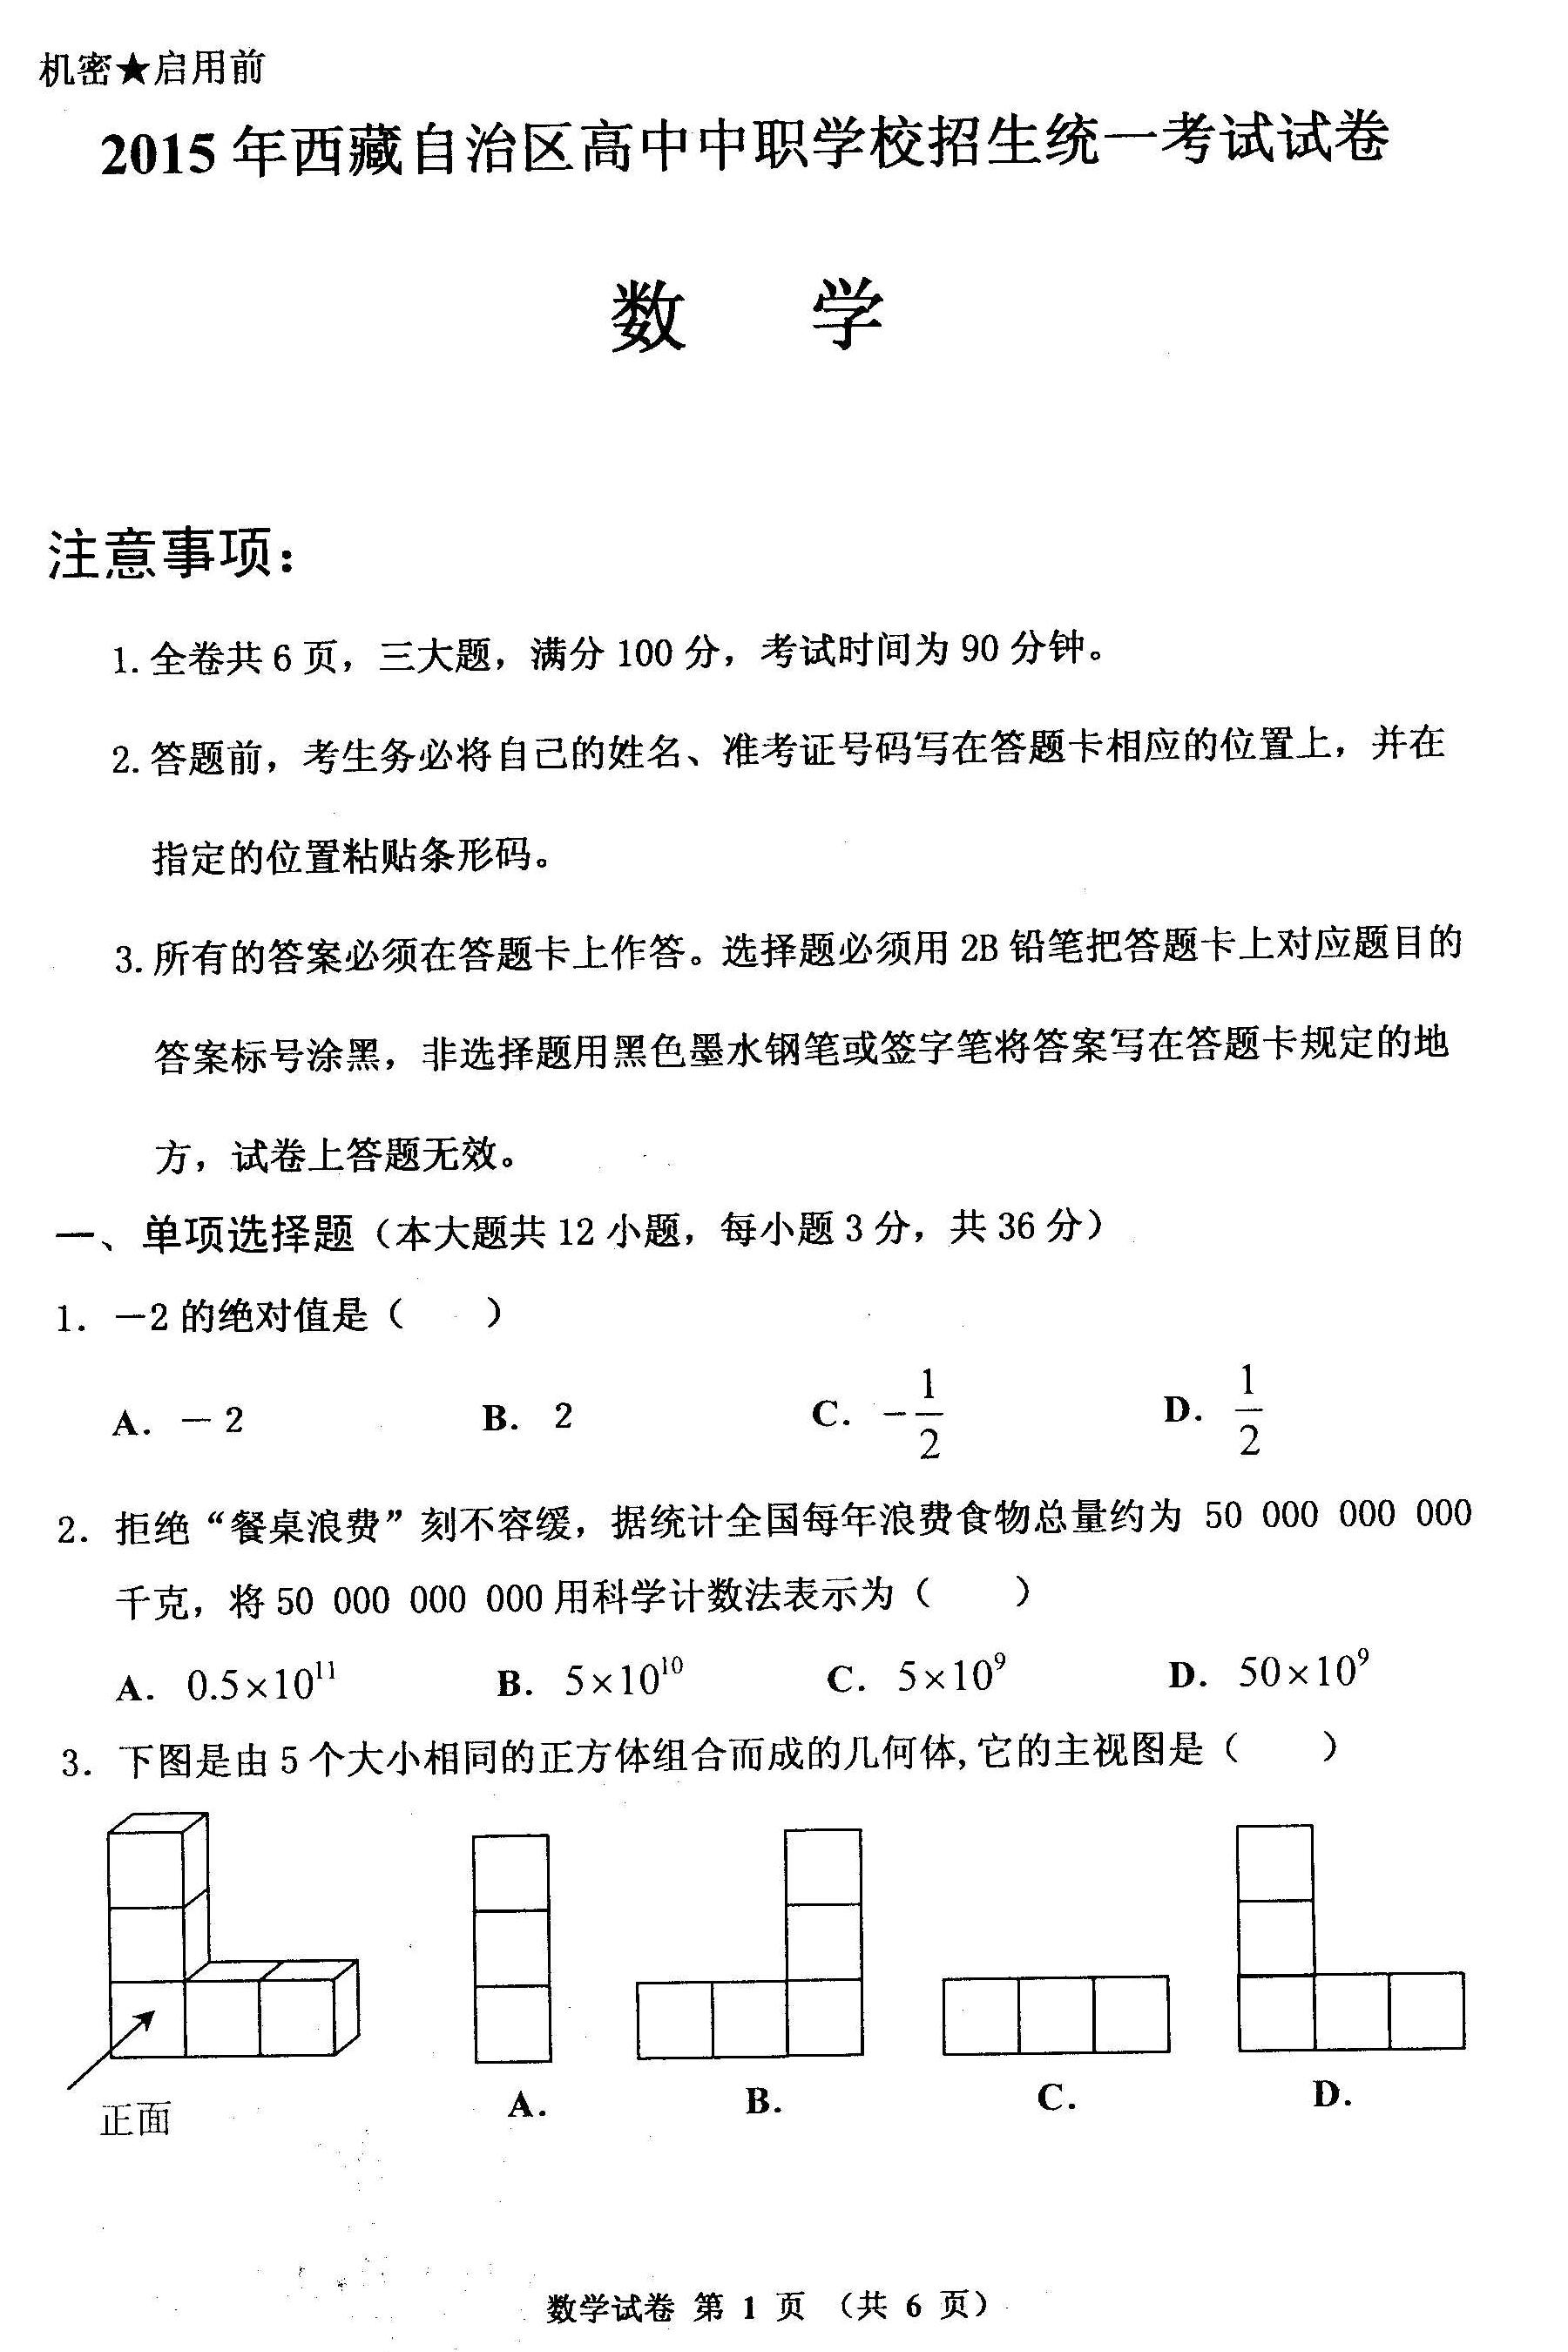 2015西藏中考数学试题及答案(图片版)